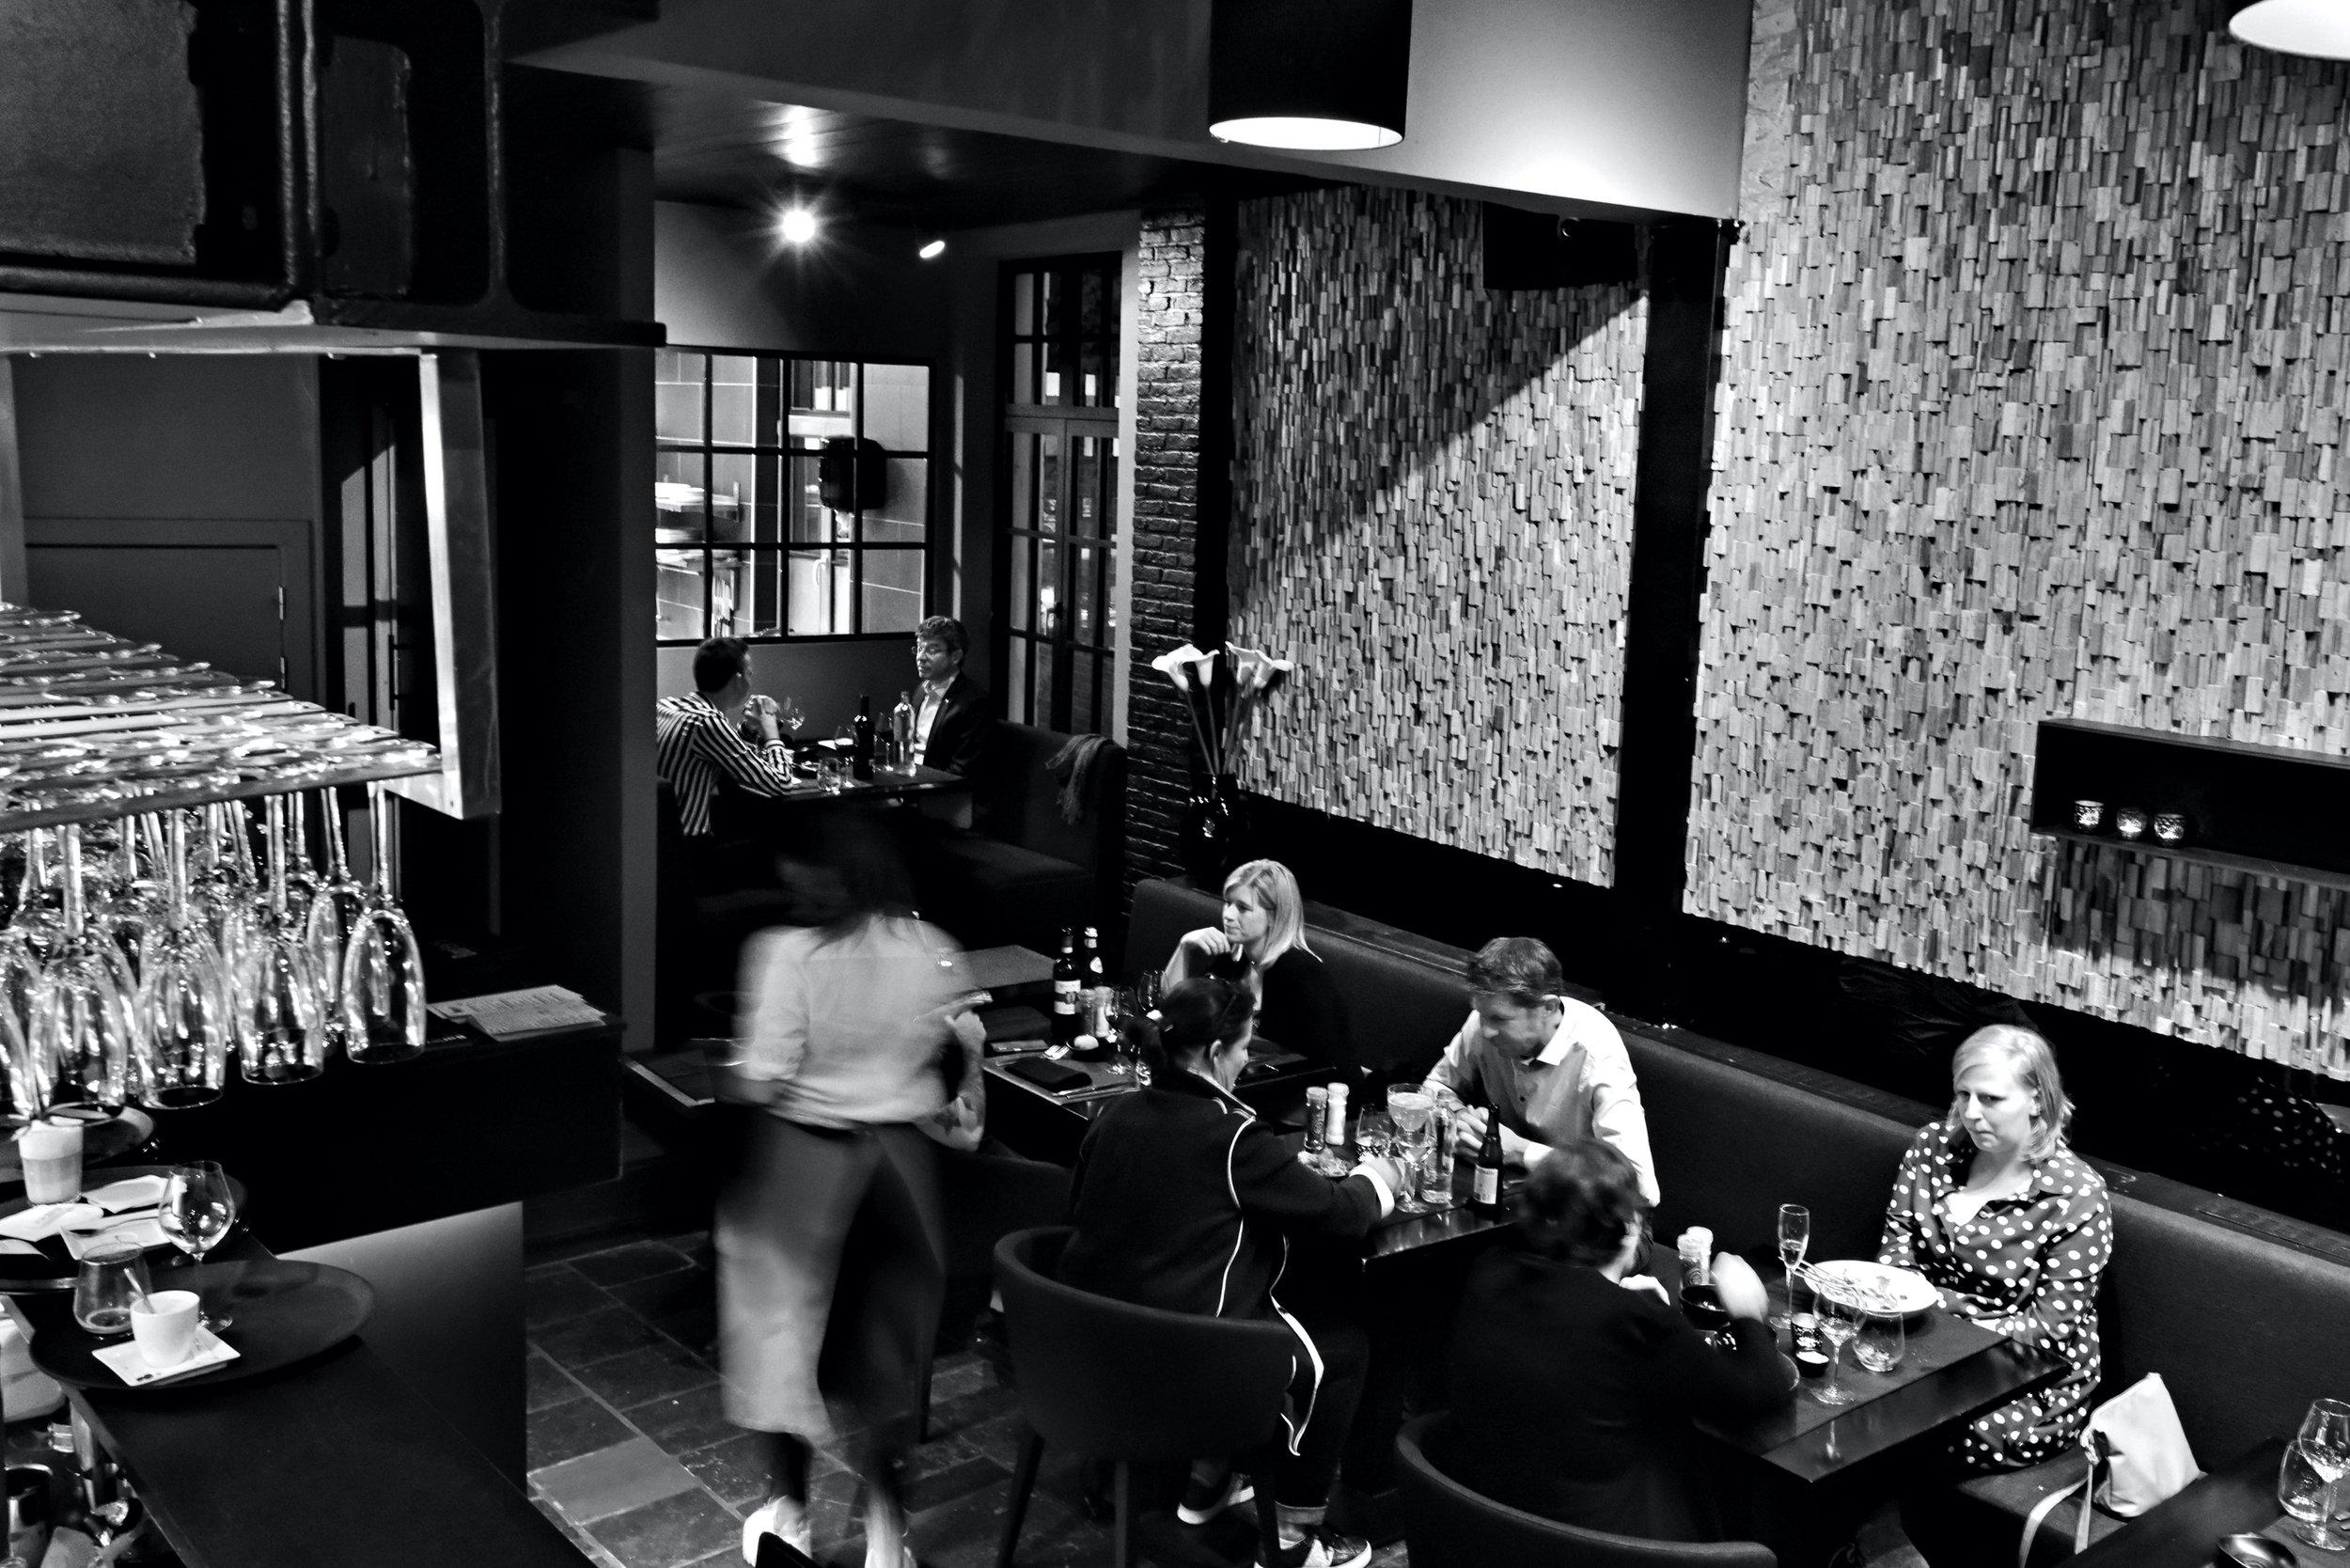 7 restaurant brasserie barley's dendermonde bart albrecht.jpg